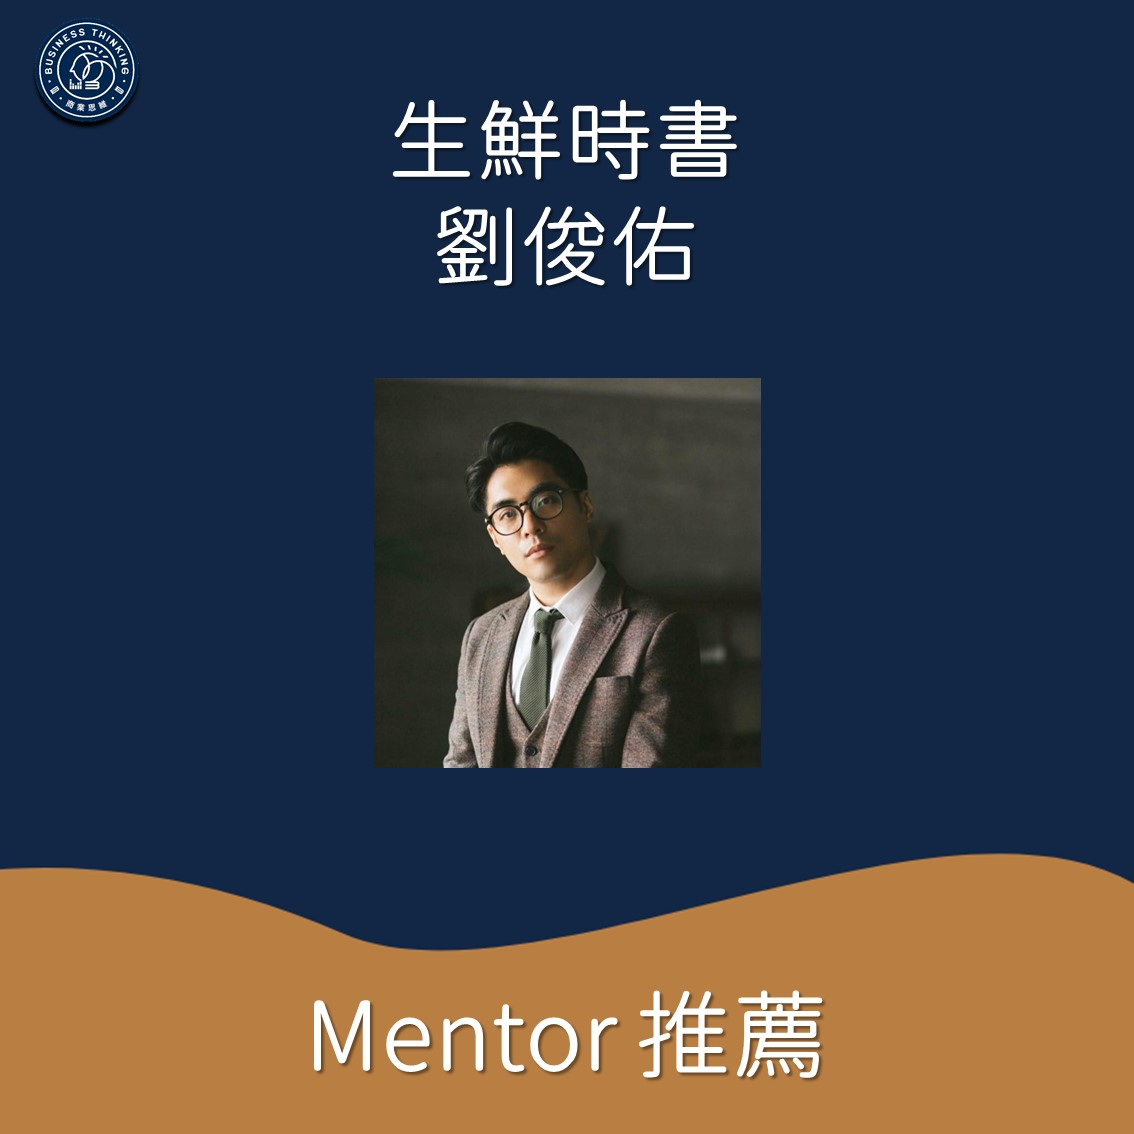 商業思維學院Mentor推薦-生鮮時書劉俊佑